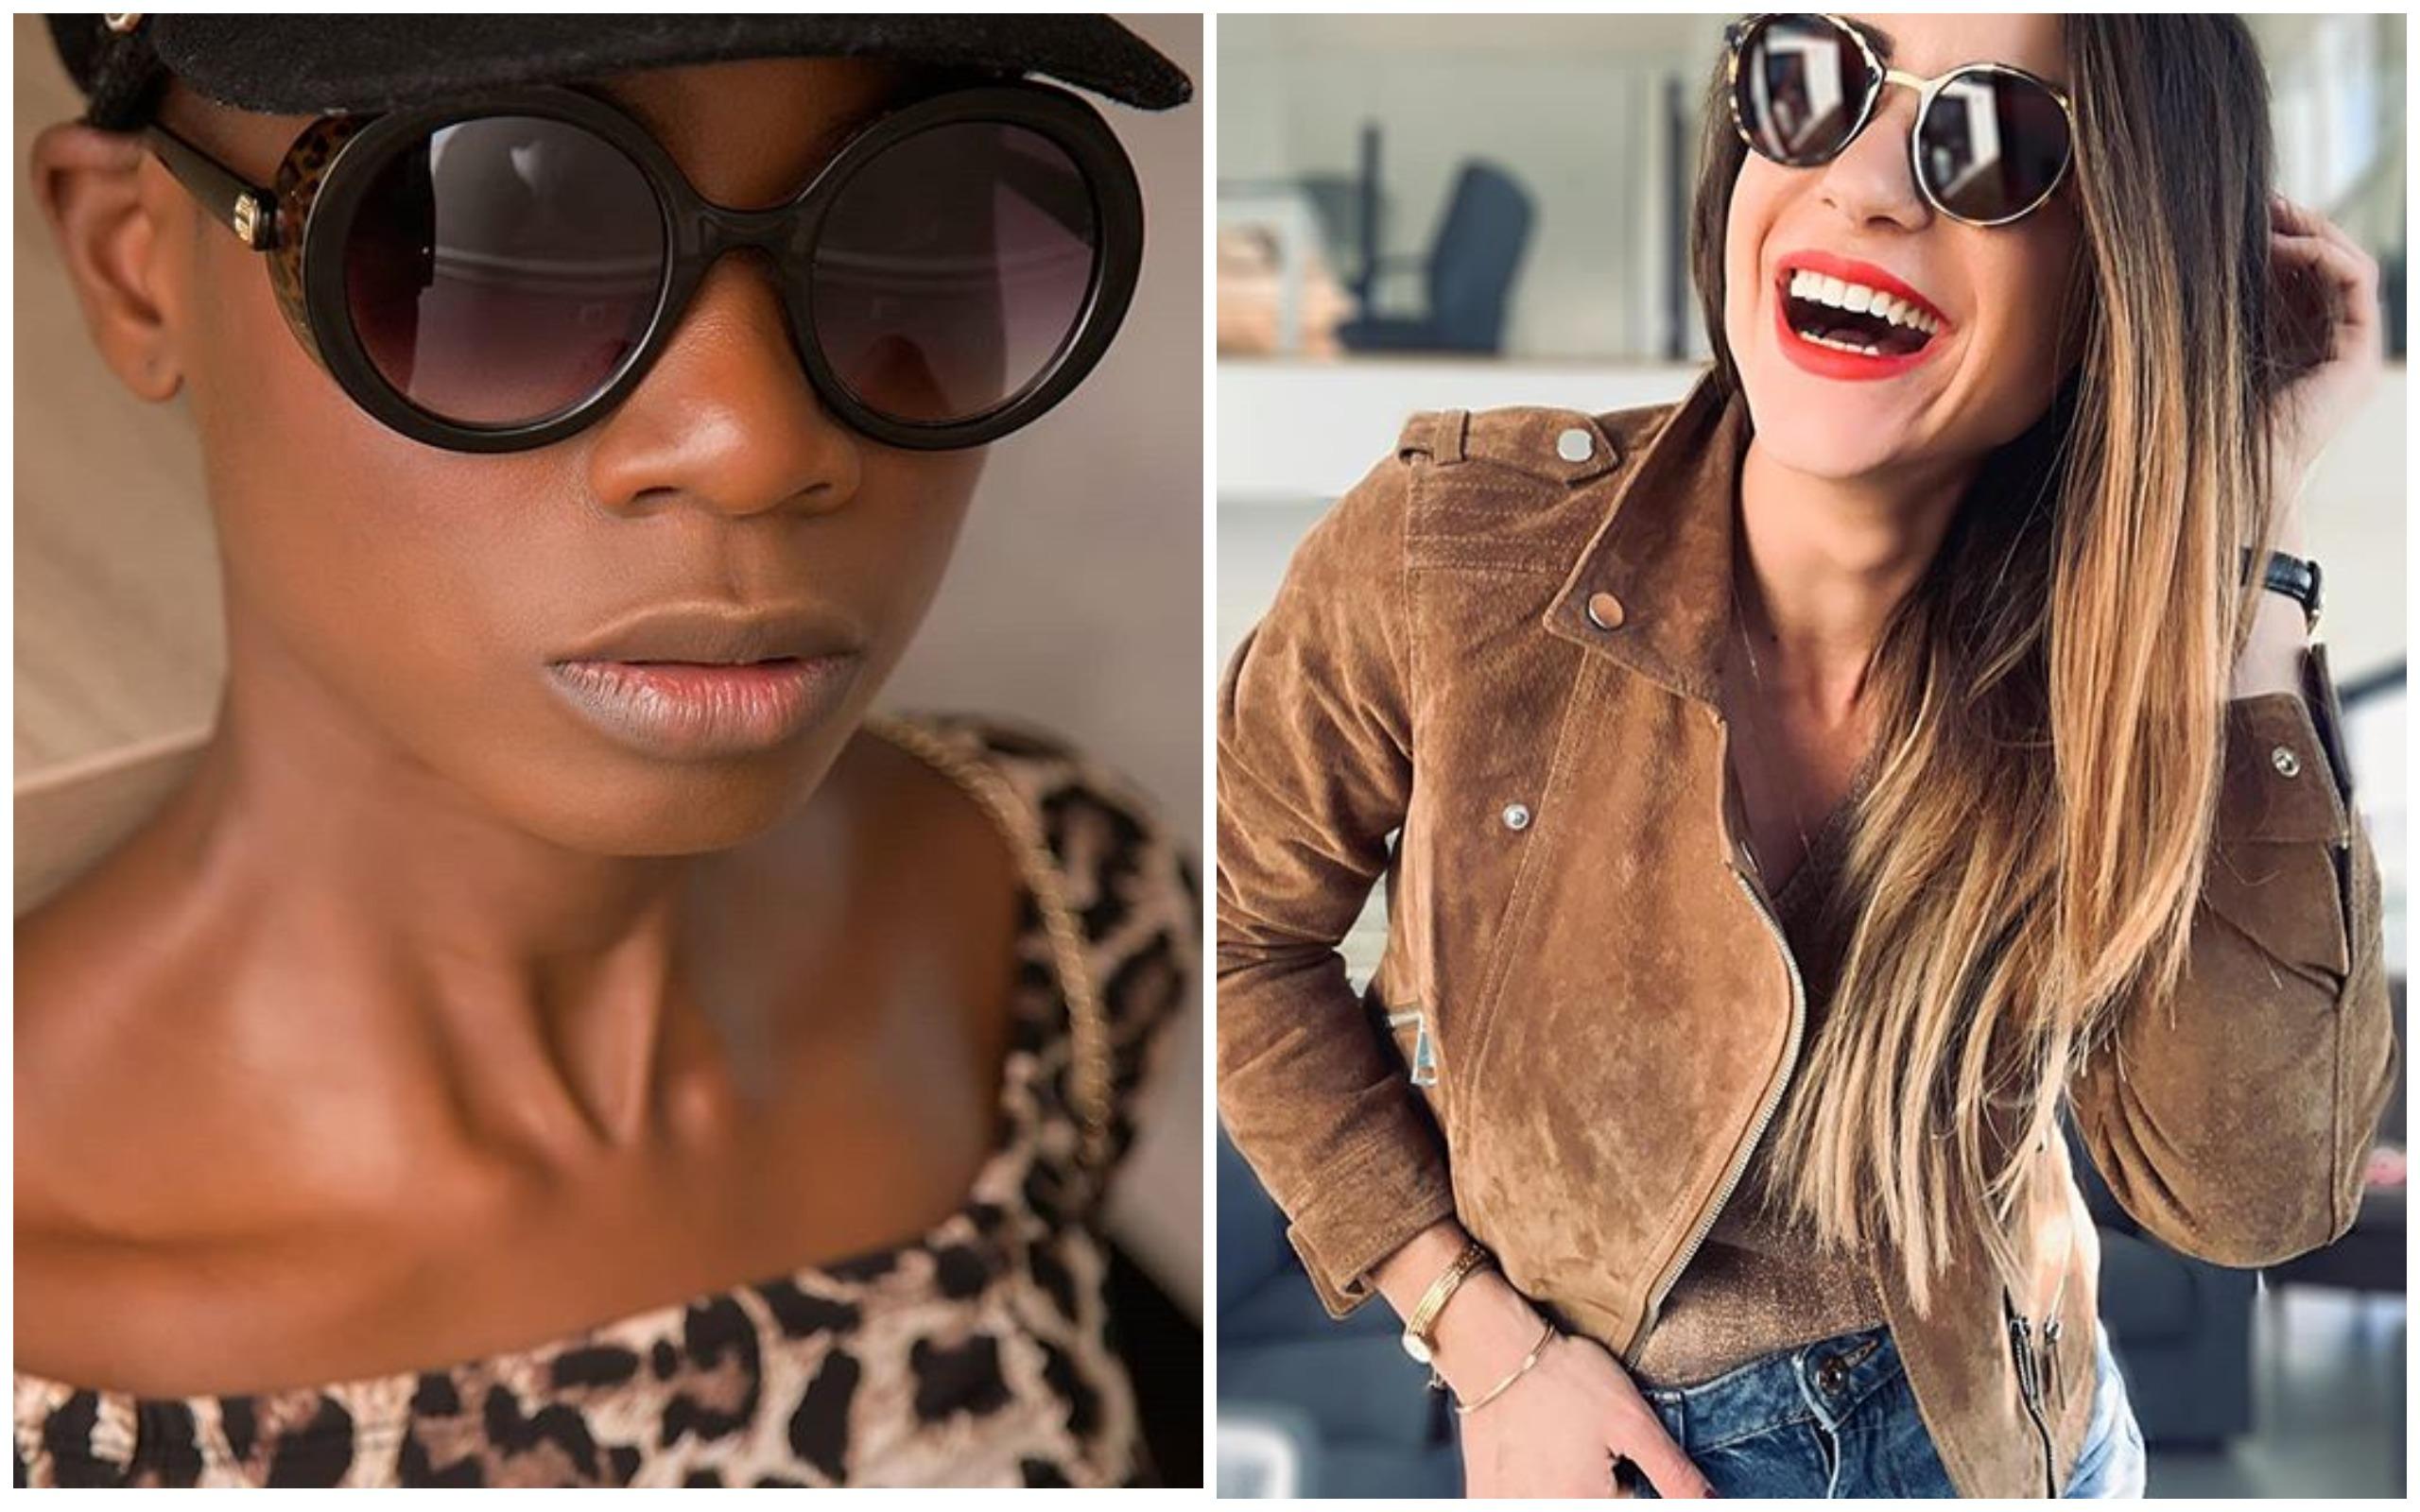 Lunette femme 2020: les tendances pour les lunettes de soleil 2020